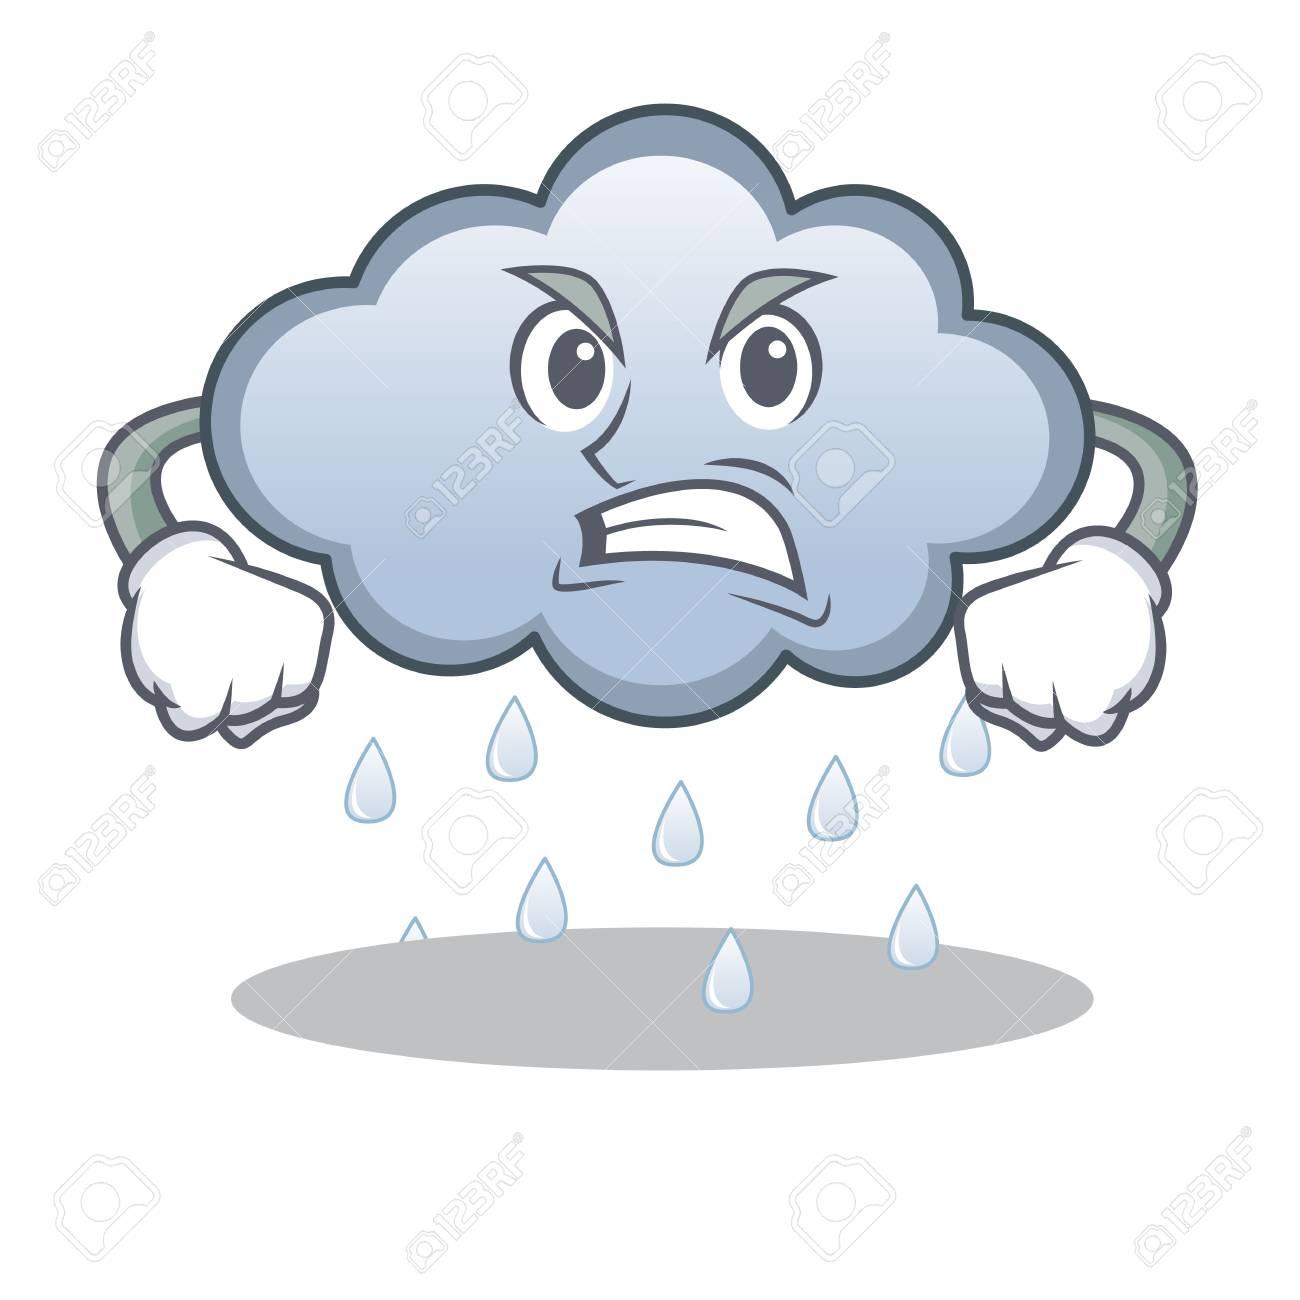 581 Rain Cloud free clipart.